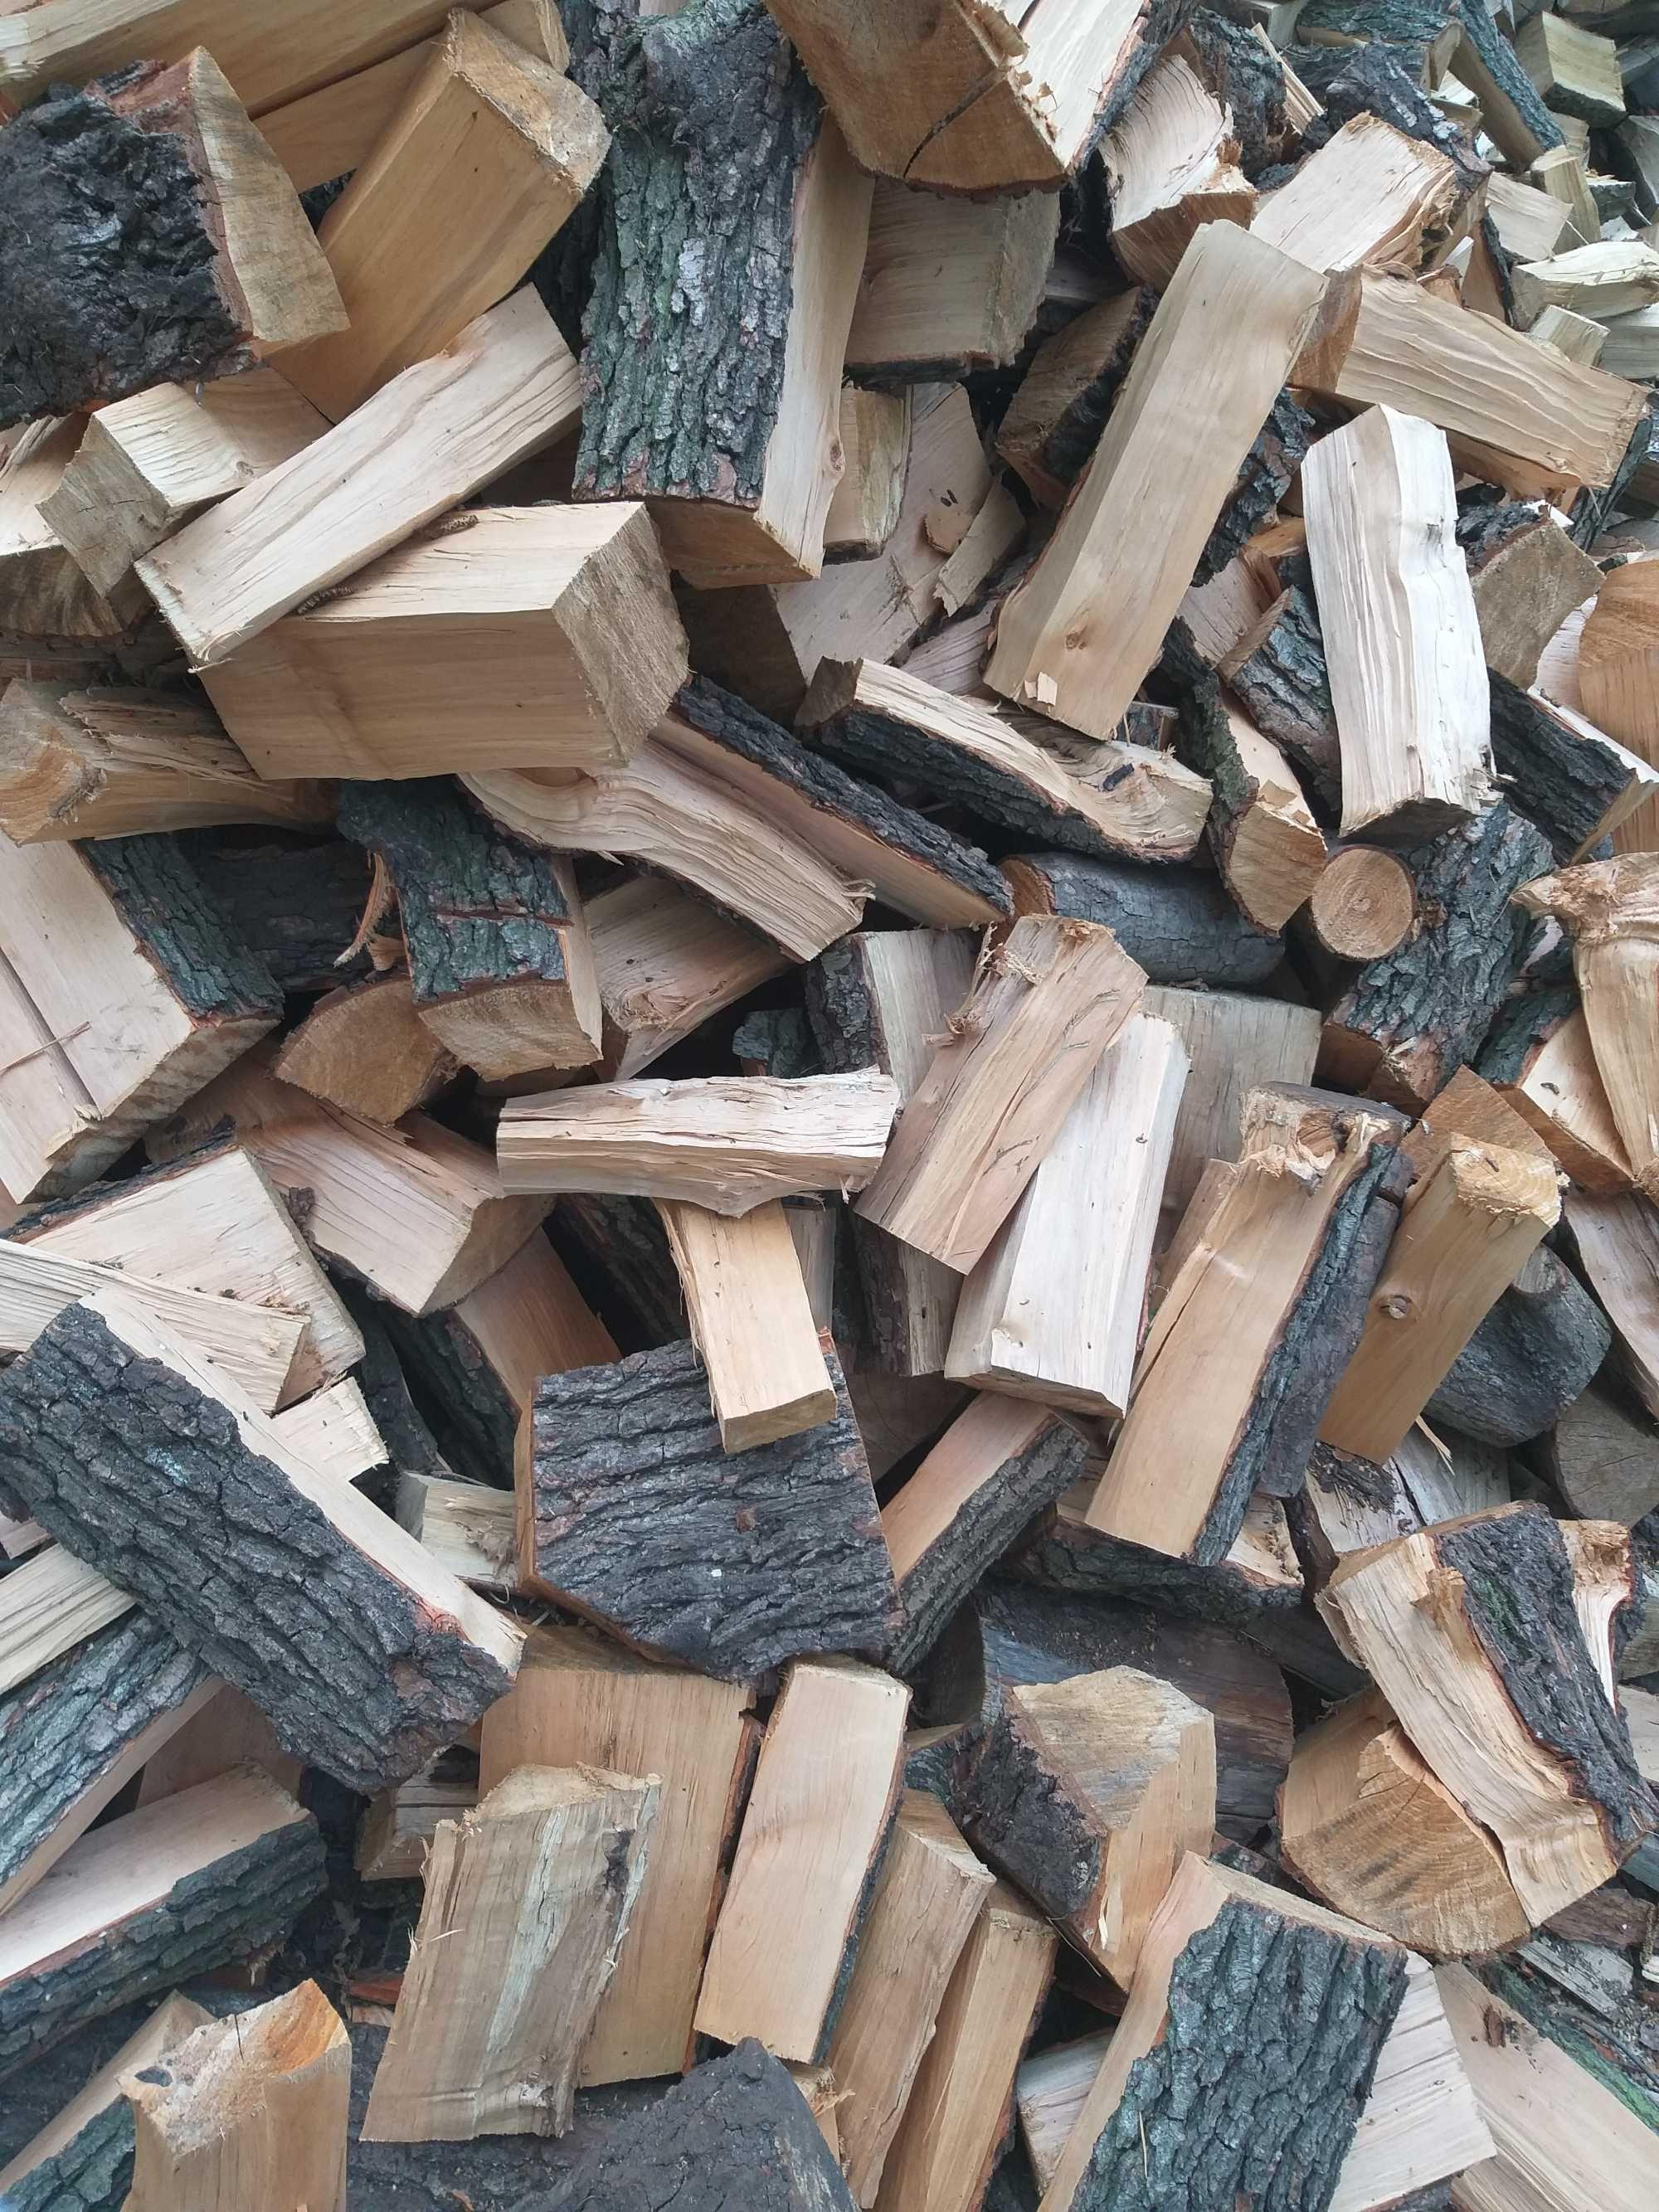 Drewno drzewo opałowe sosna olcha dąb buk zrzyny drewno rozpalkowe